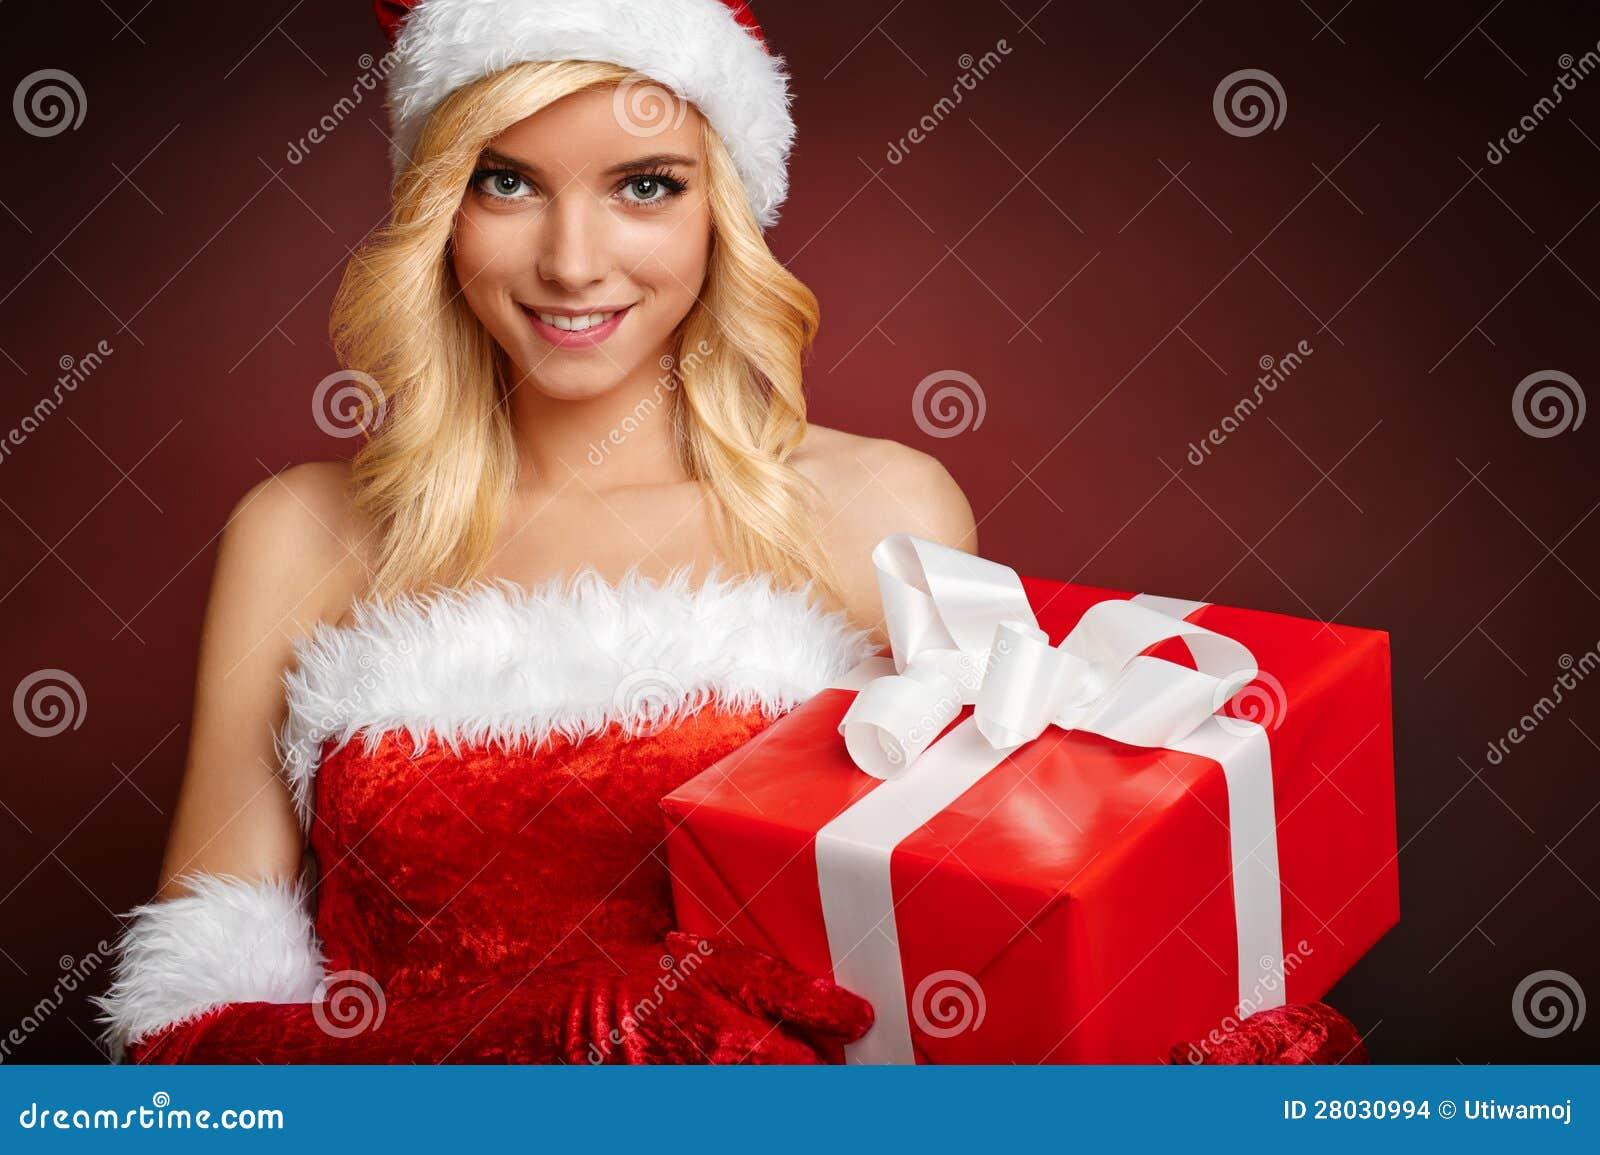 Image De Noel Fille.Belle Fille Portant Des Vetements Du Pere Noel Photo Stock